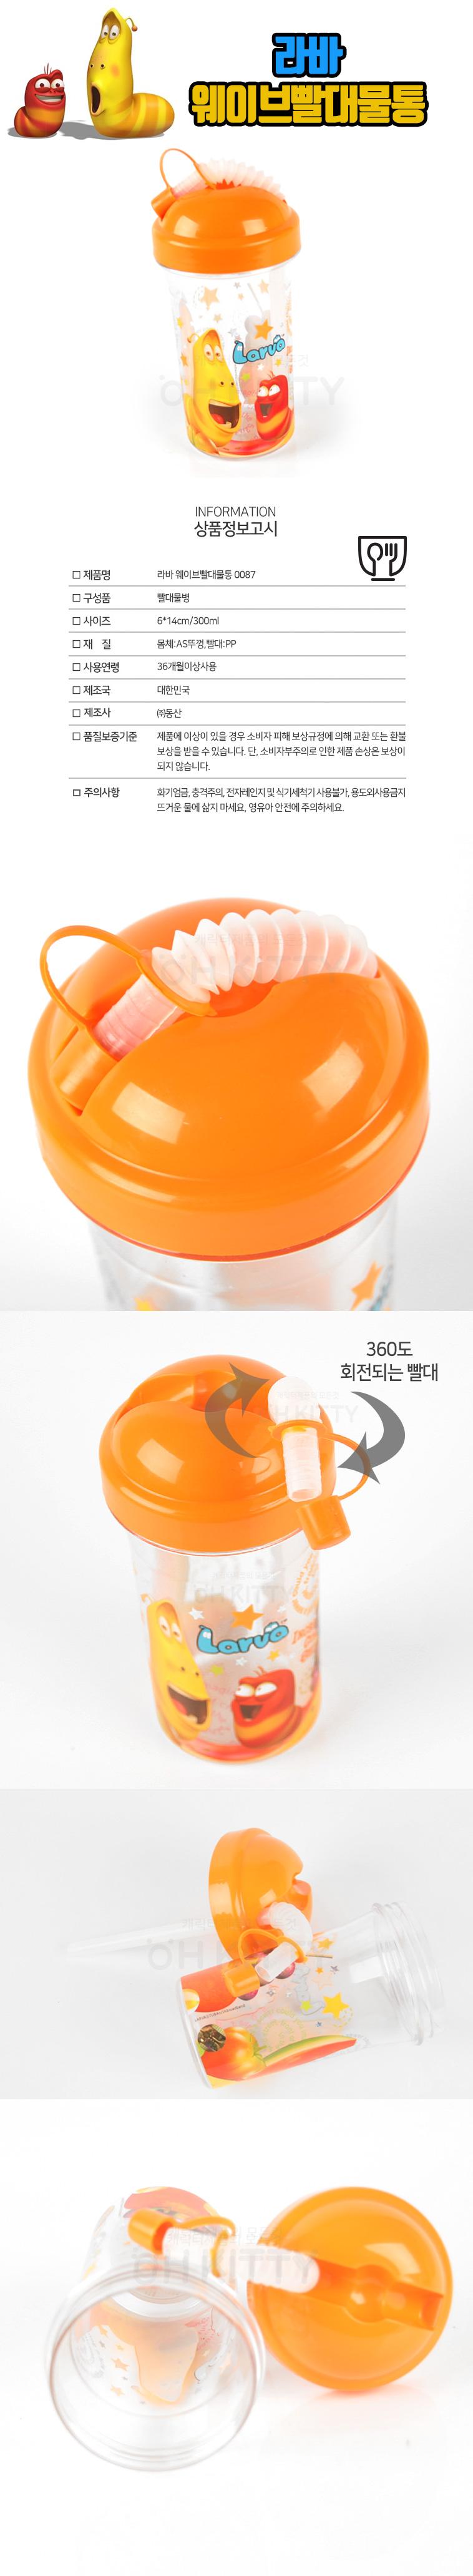 라바 웨이브빨대물통 0087 - 씨앤월드, 4,000원, 보틀/텀블러, 키친 물병